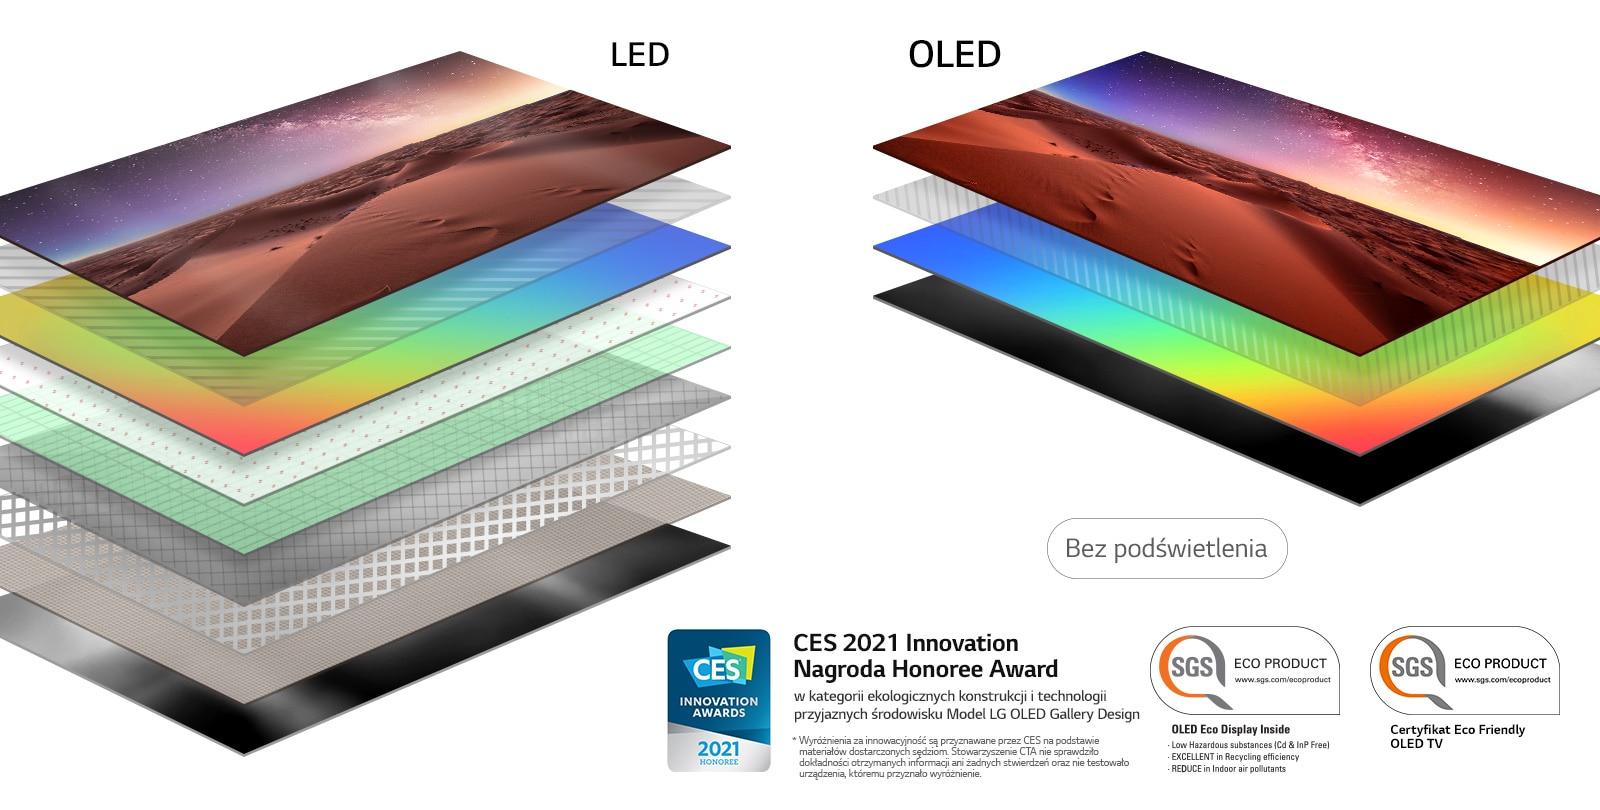 Porównanie warstw budowy ekranu telewizora LED z podświetleniem i samoświecącego ekranu OLED (odtwórz film)